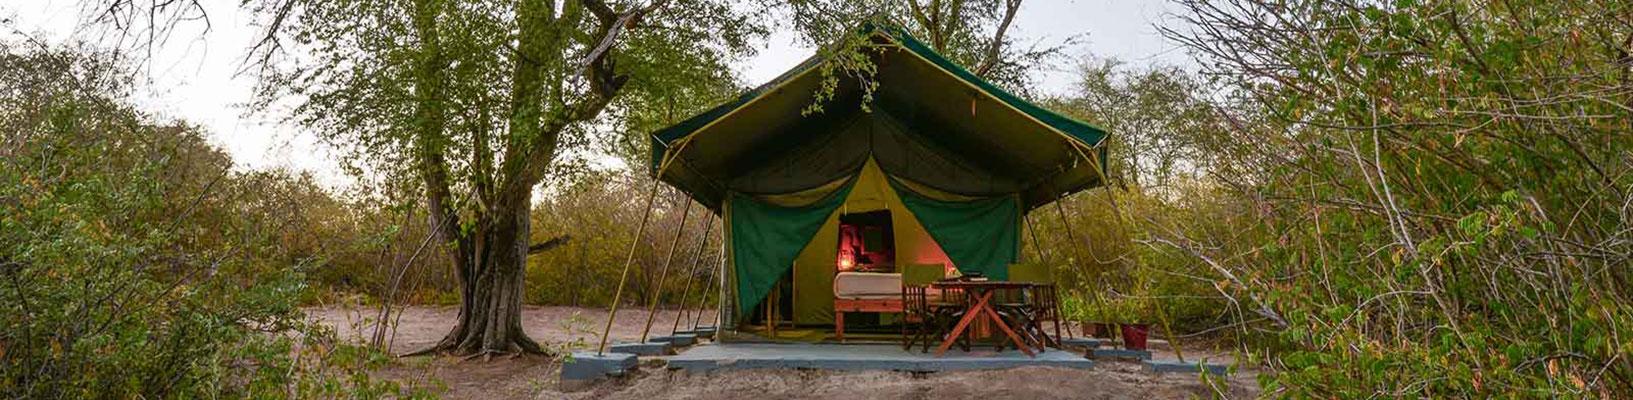 2-tuskers-bush-camp-tent5.jpg